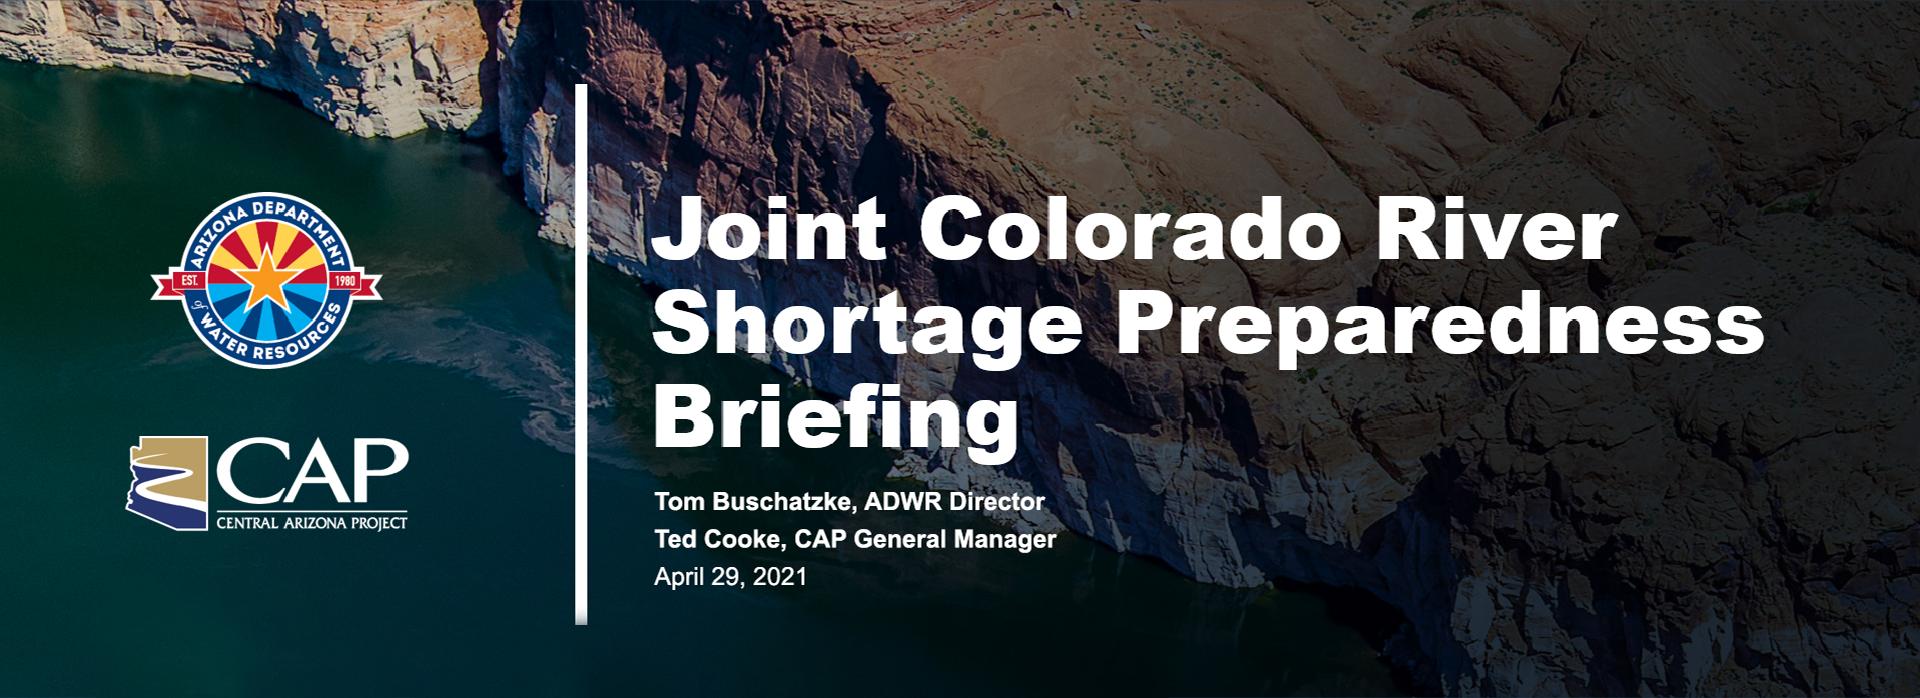 Colorado River Briefing